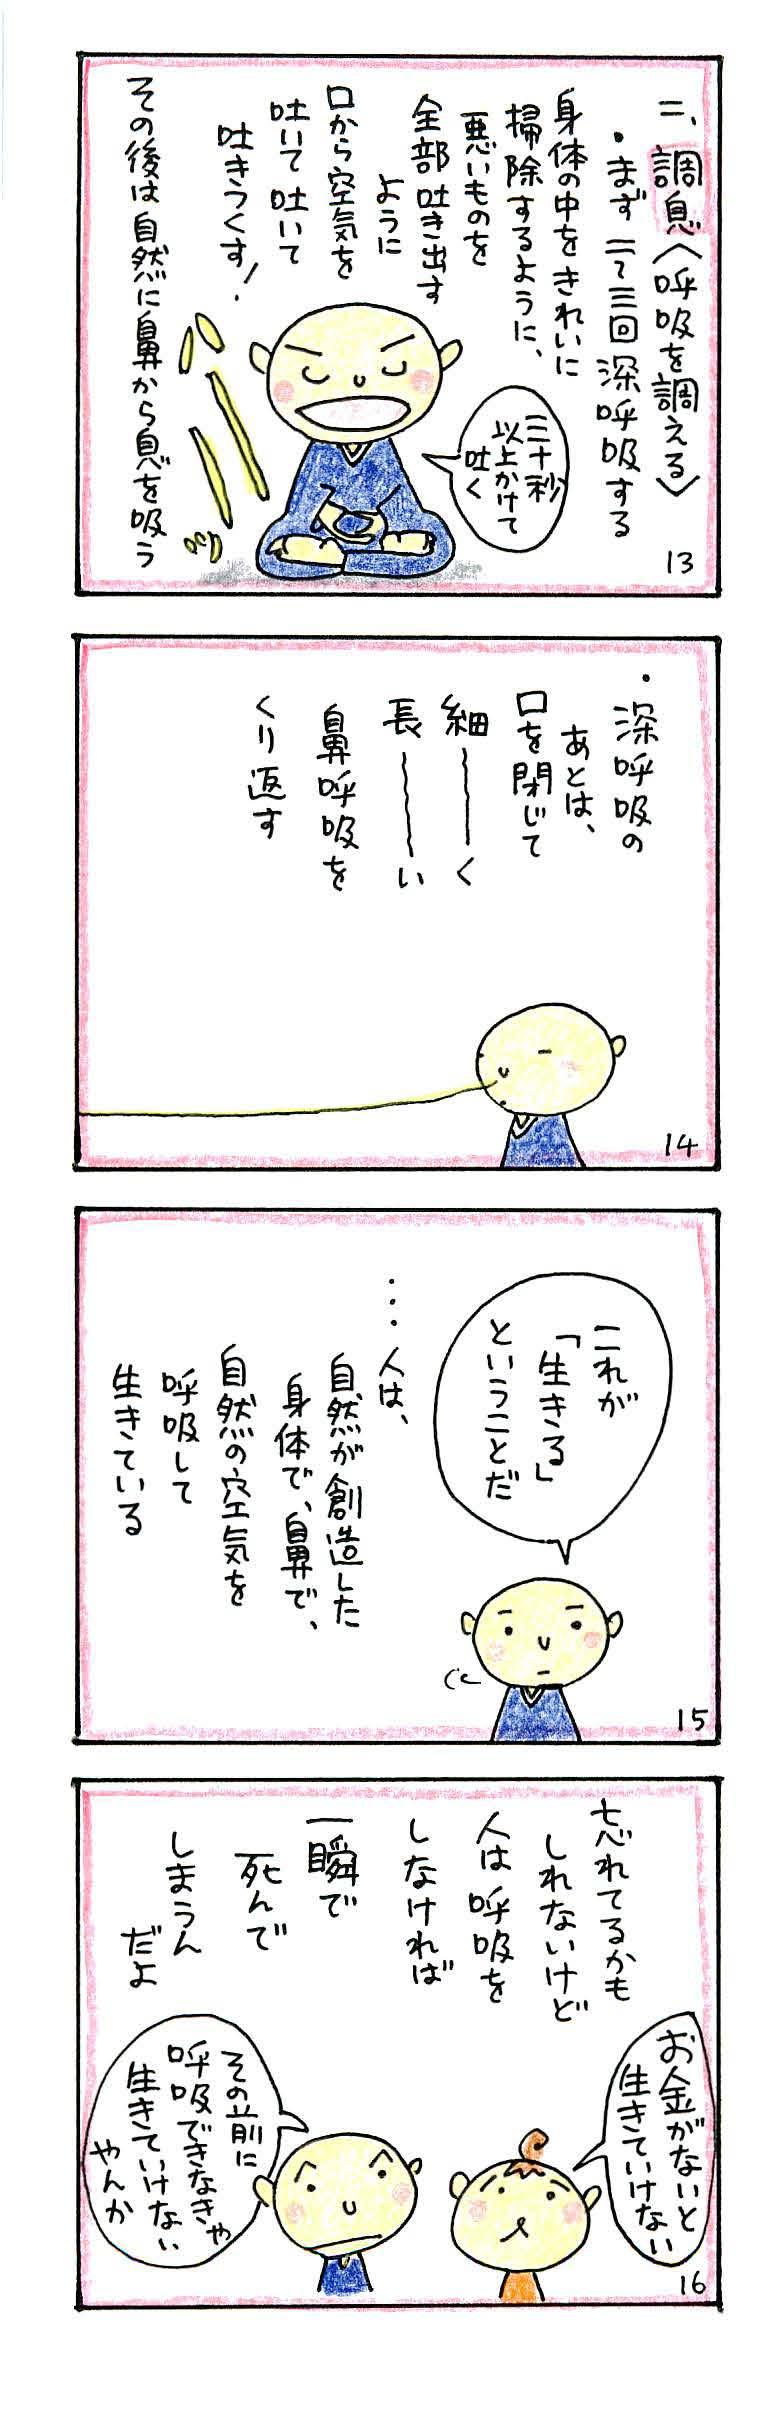 第5話 Let'座禅 「座禅の仕方」p13-p16